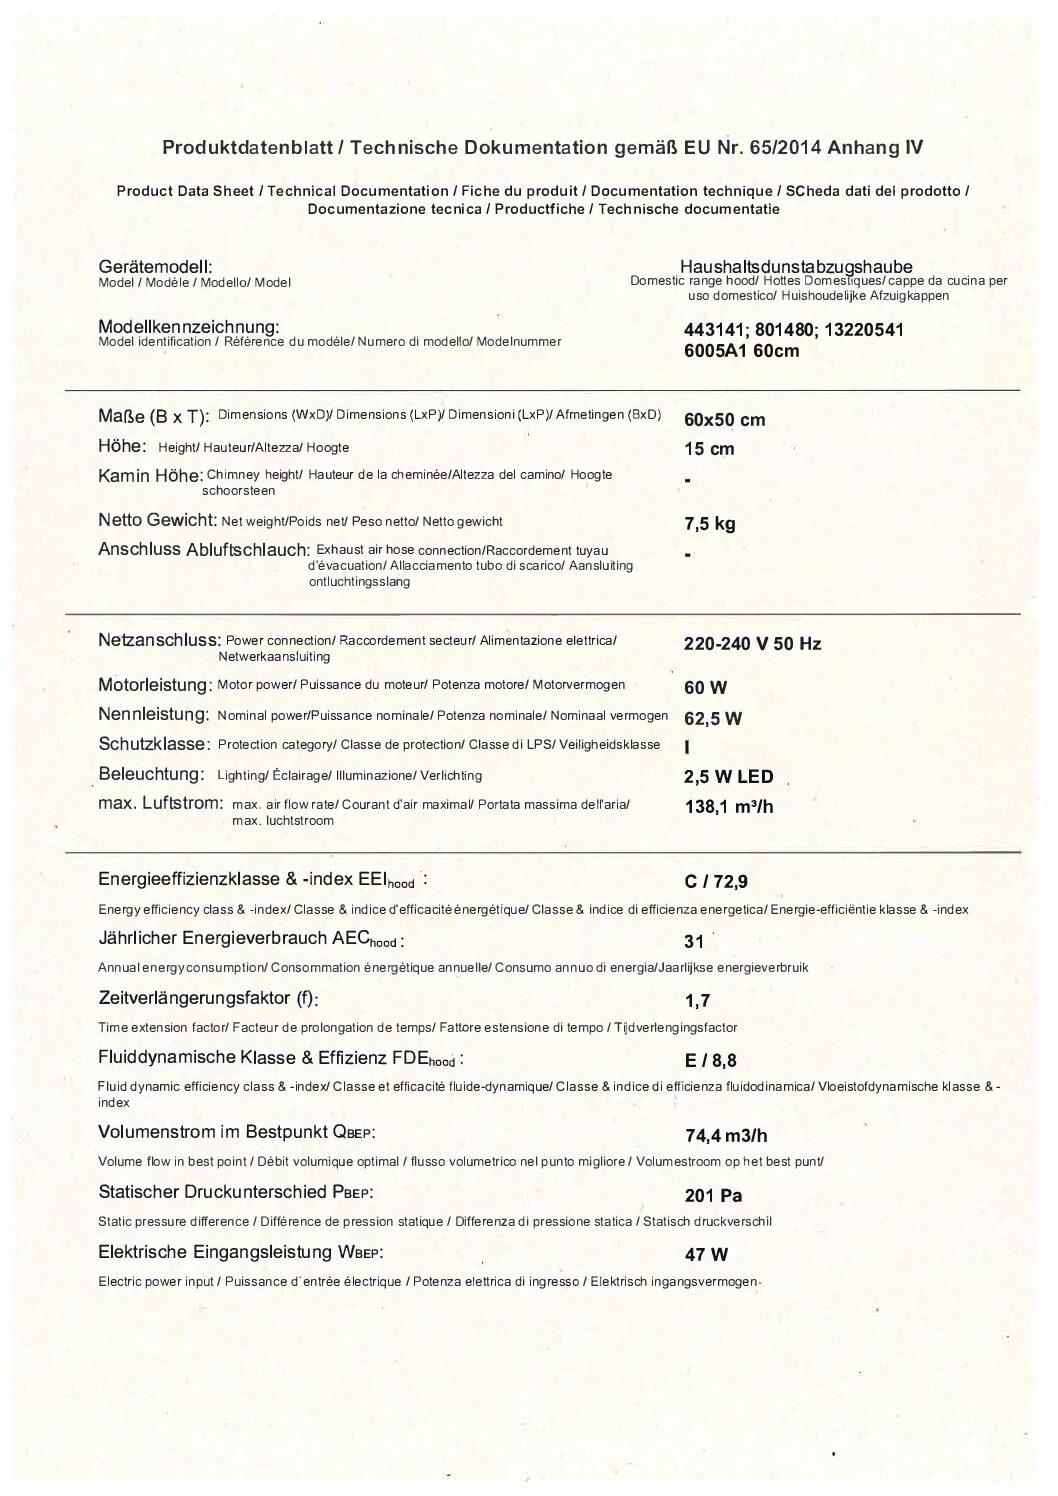 Unterbauhaube 60cm Breite Leistung bis zu 194 m³/h B801480 ehemalig UVP 69,99€   801480 3 pdf